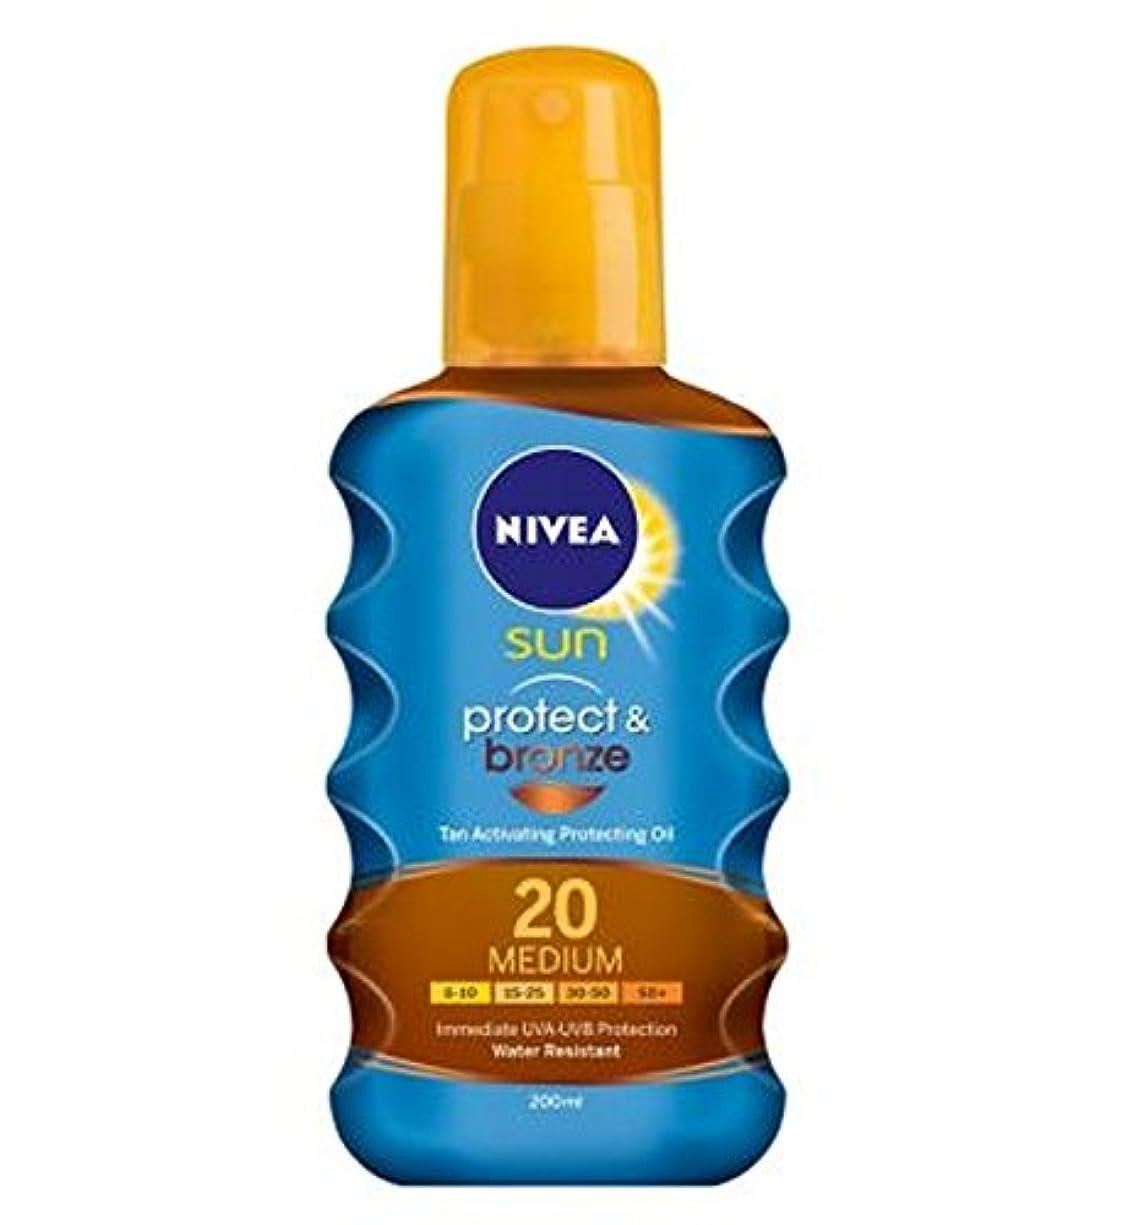 奨学金ビバ先例NIVEA SUN Protect & Bronze Tan Activating Protecting Oil 20 Medium 200ml - ニベアの日は、油媒体20 200ミリリットルを保護する日焼け活性化を保護...